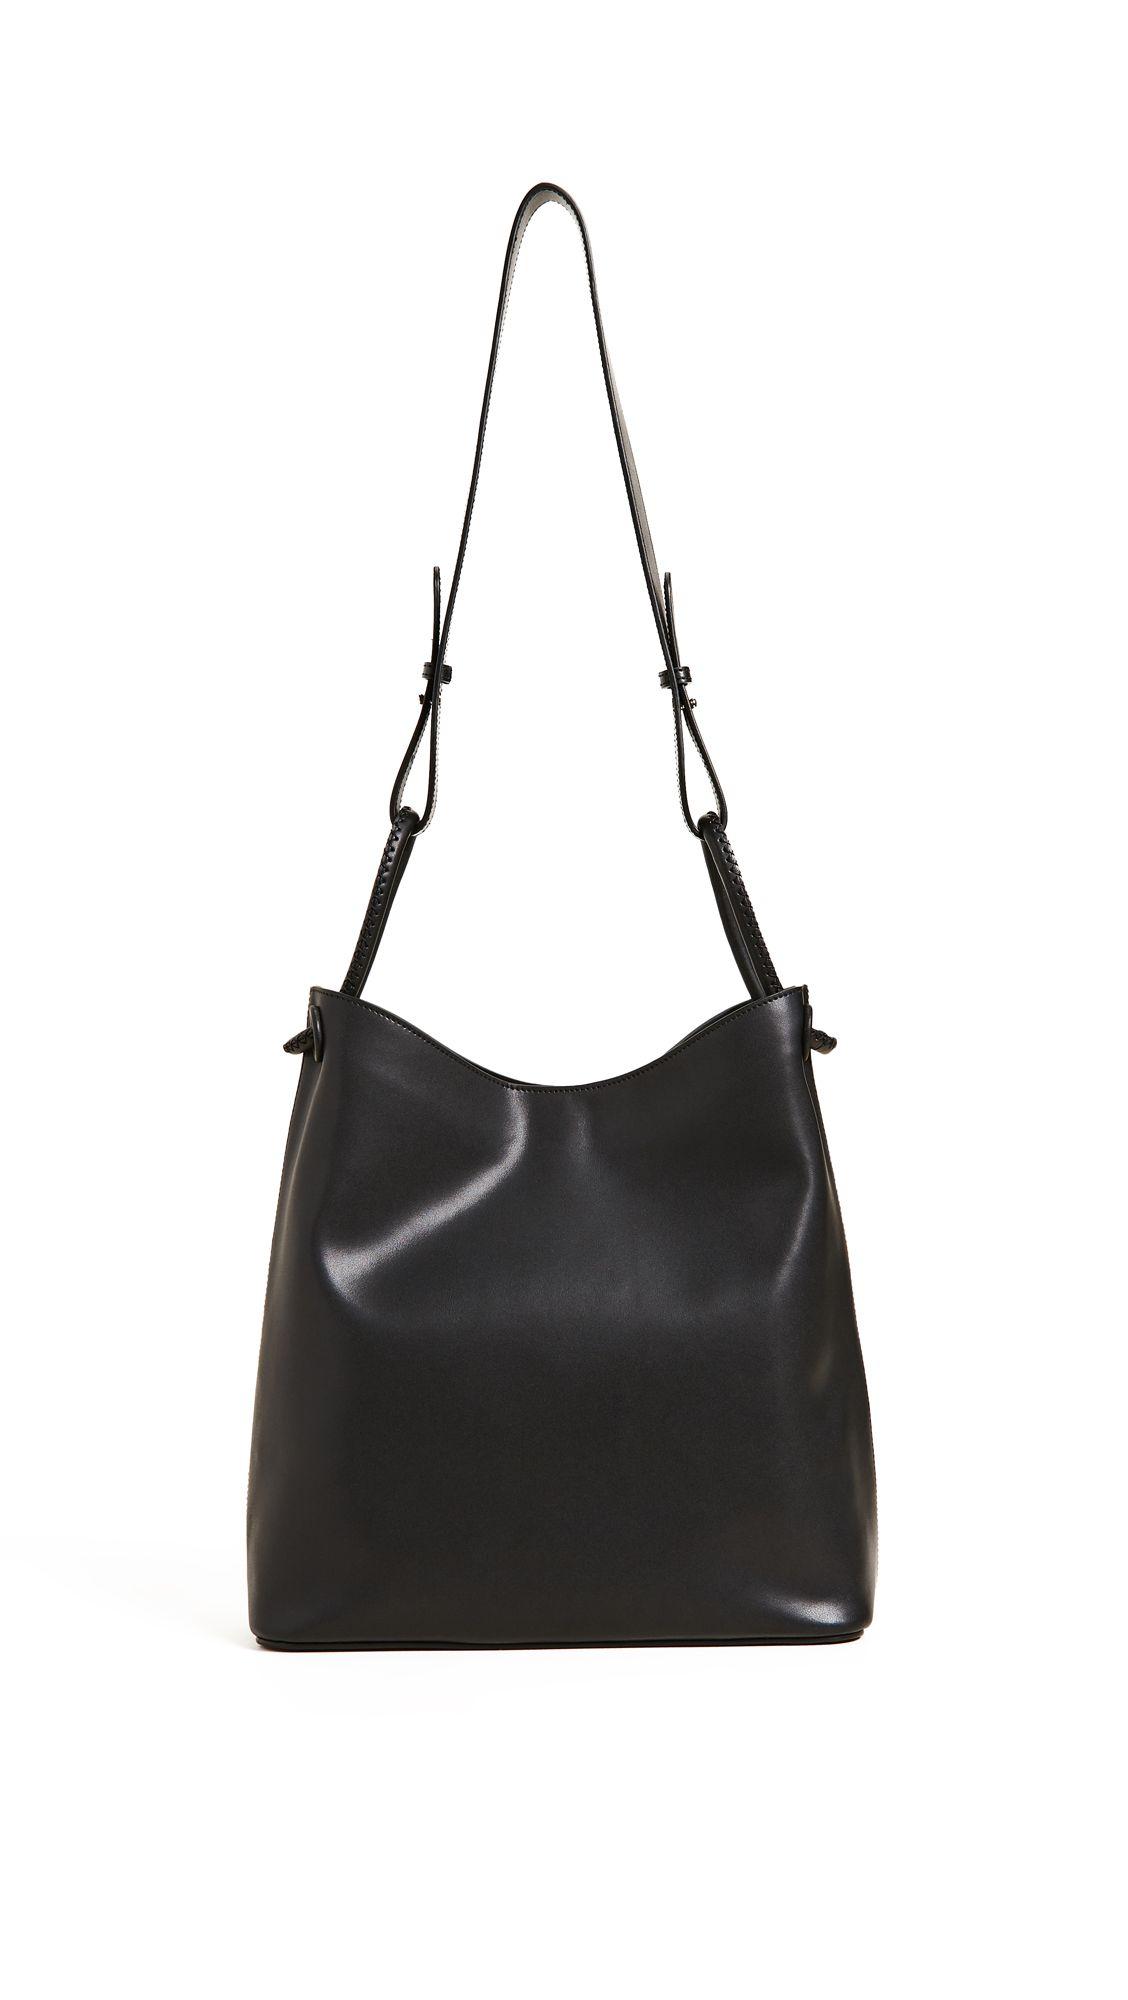 b129d50ac3 ELLEME VOSGES TOTE.  elleme  bags  shoulder bags  hand bags  leather  tote